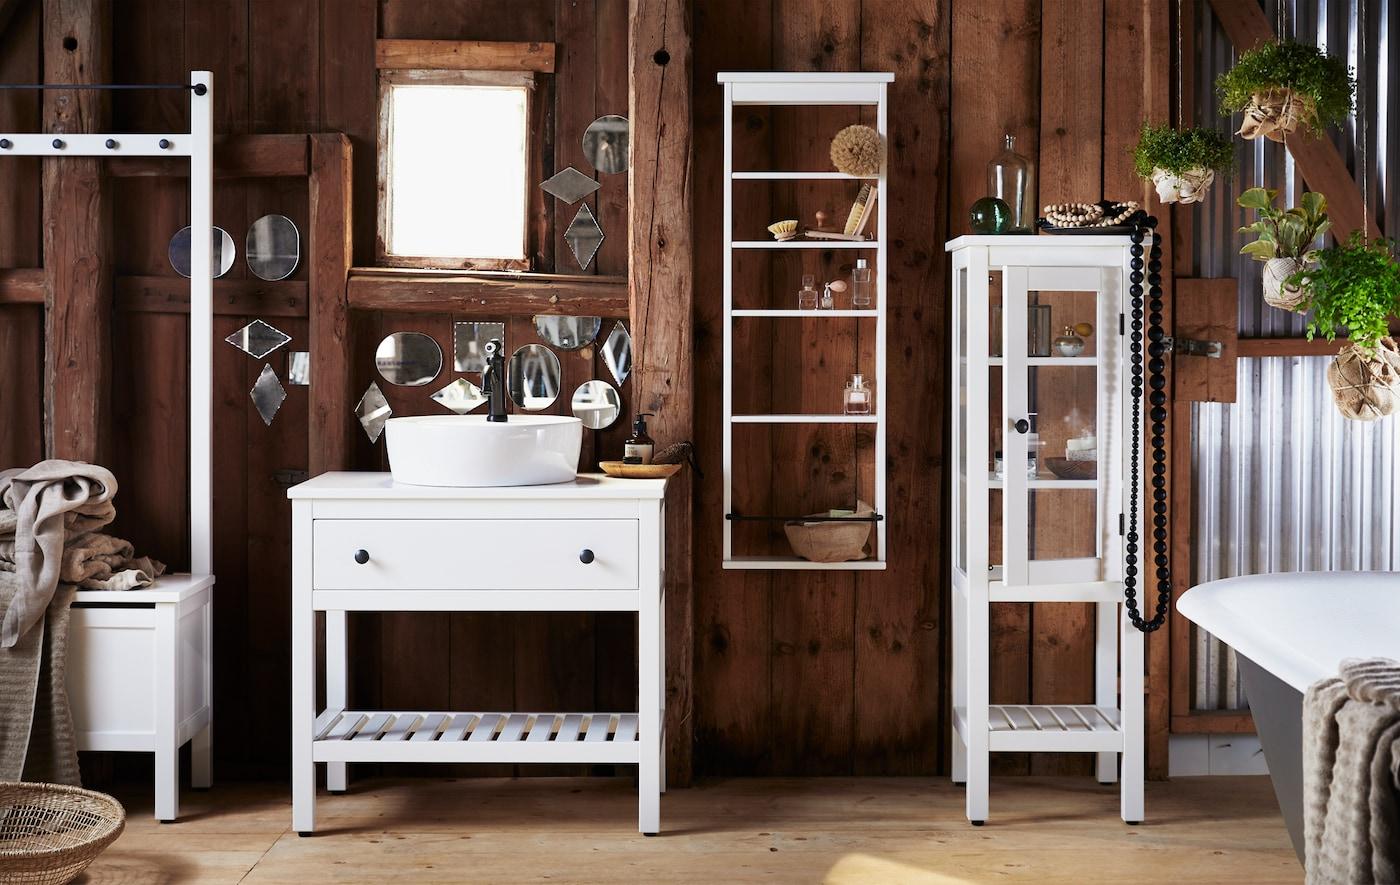 Ein Badezimmer mit dunklen Holzwänden und HEMNES Möbeln im traditionellen Stil in Weiß